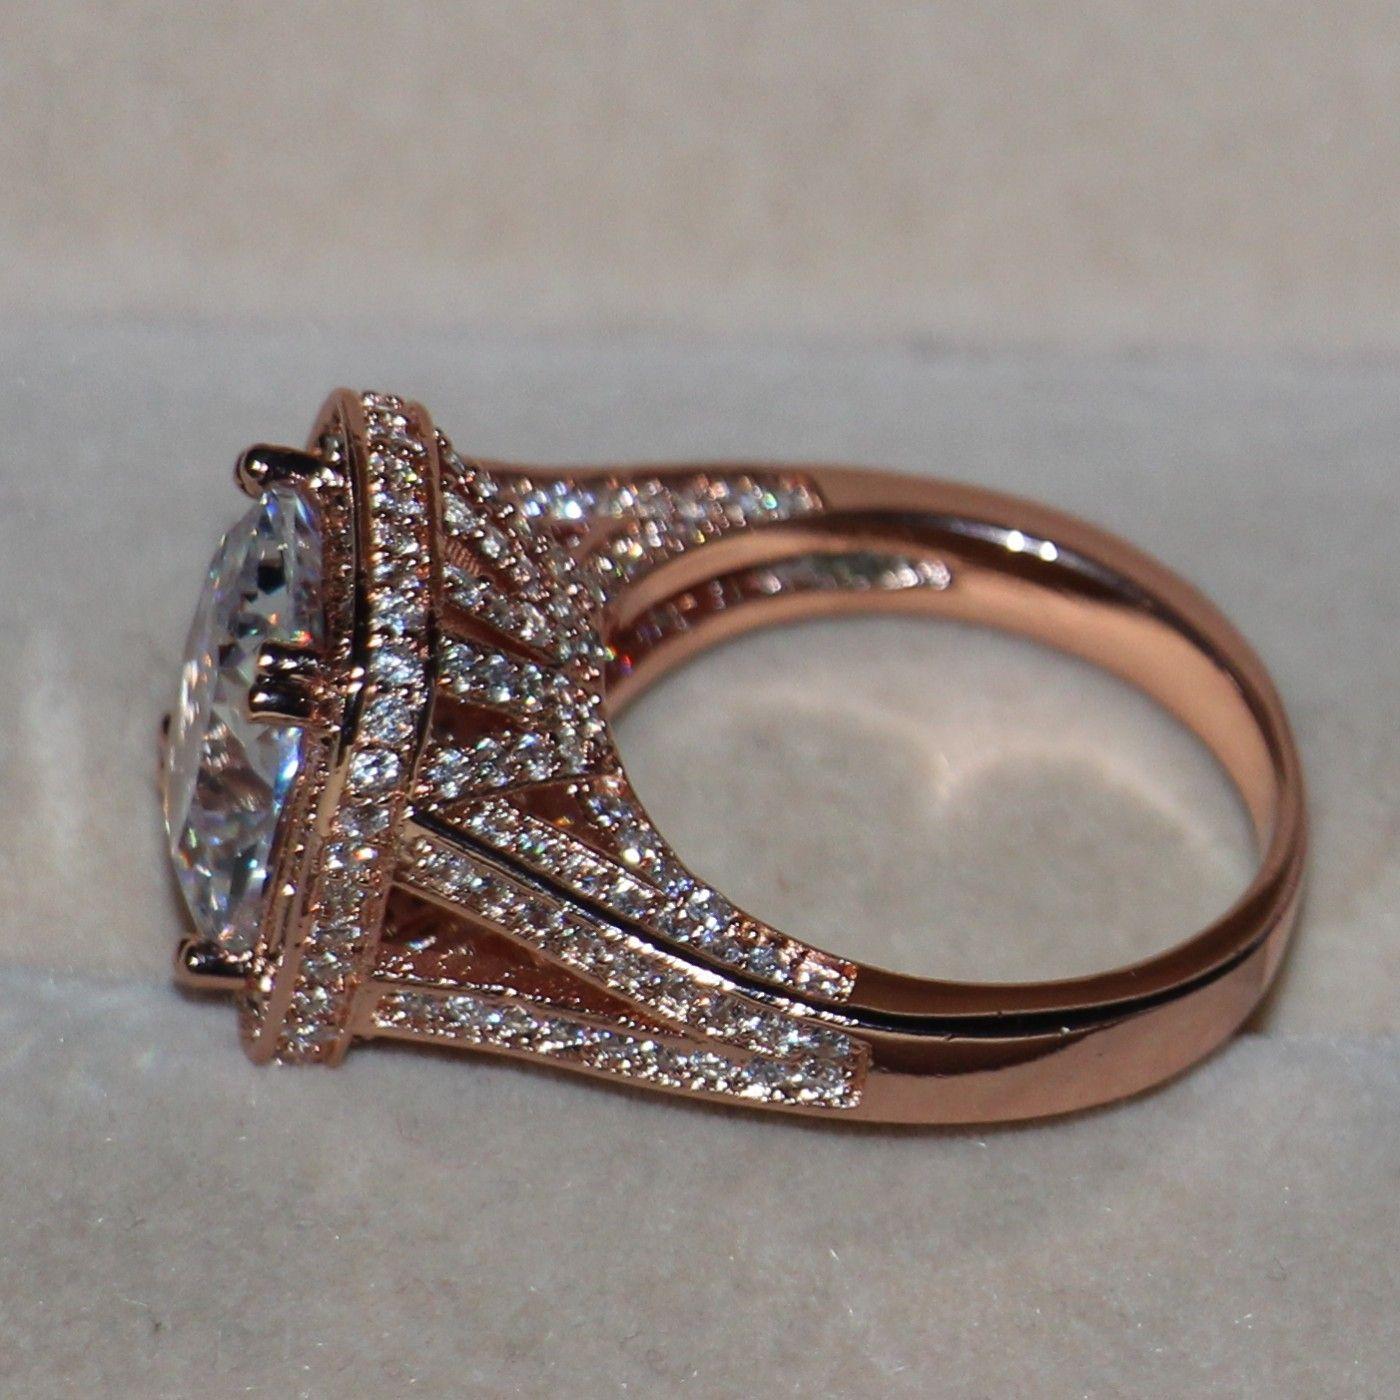 Victoria Wieck Luxuxschmucksachen 10ct Topas 192pcs Tiny CZ 925 Sterling Silber Rose Pave Simulierter Diamant-Hochzeit Band-Frauen-Ring-Größe 5-11